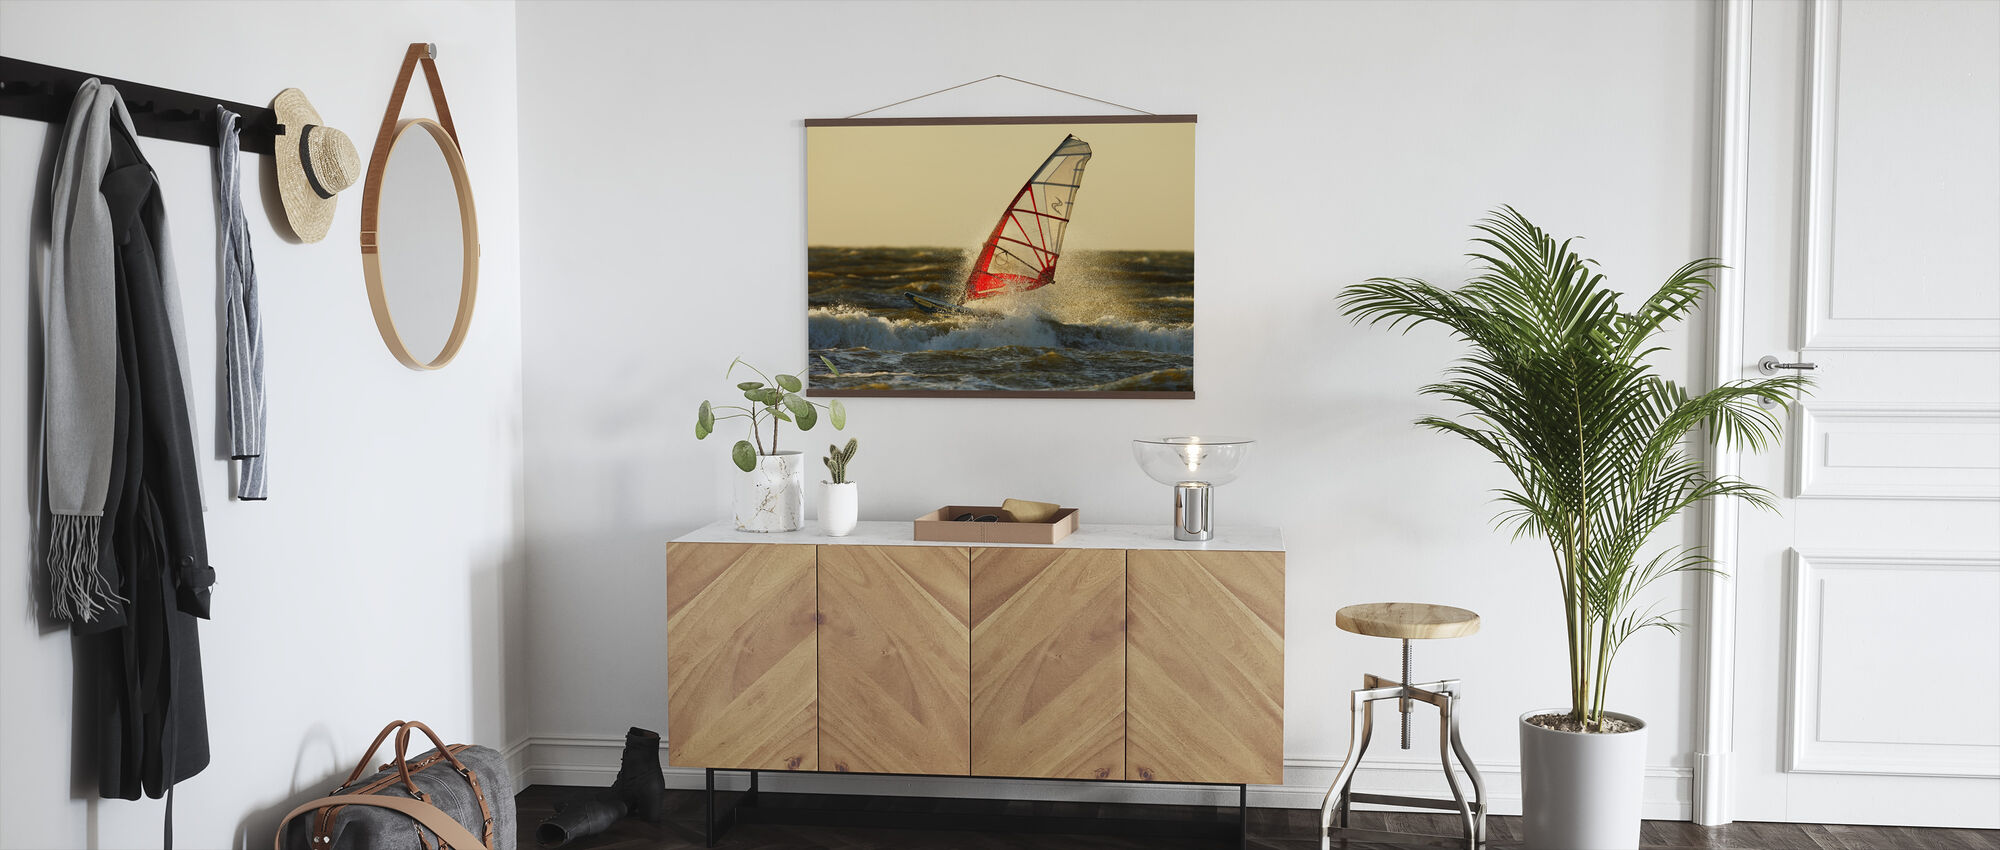 Surfing in Sweden, Europe - Poster - Hallway